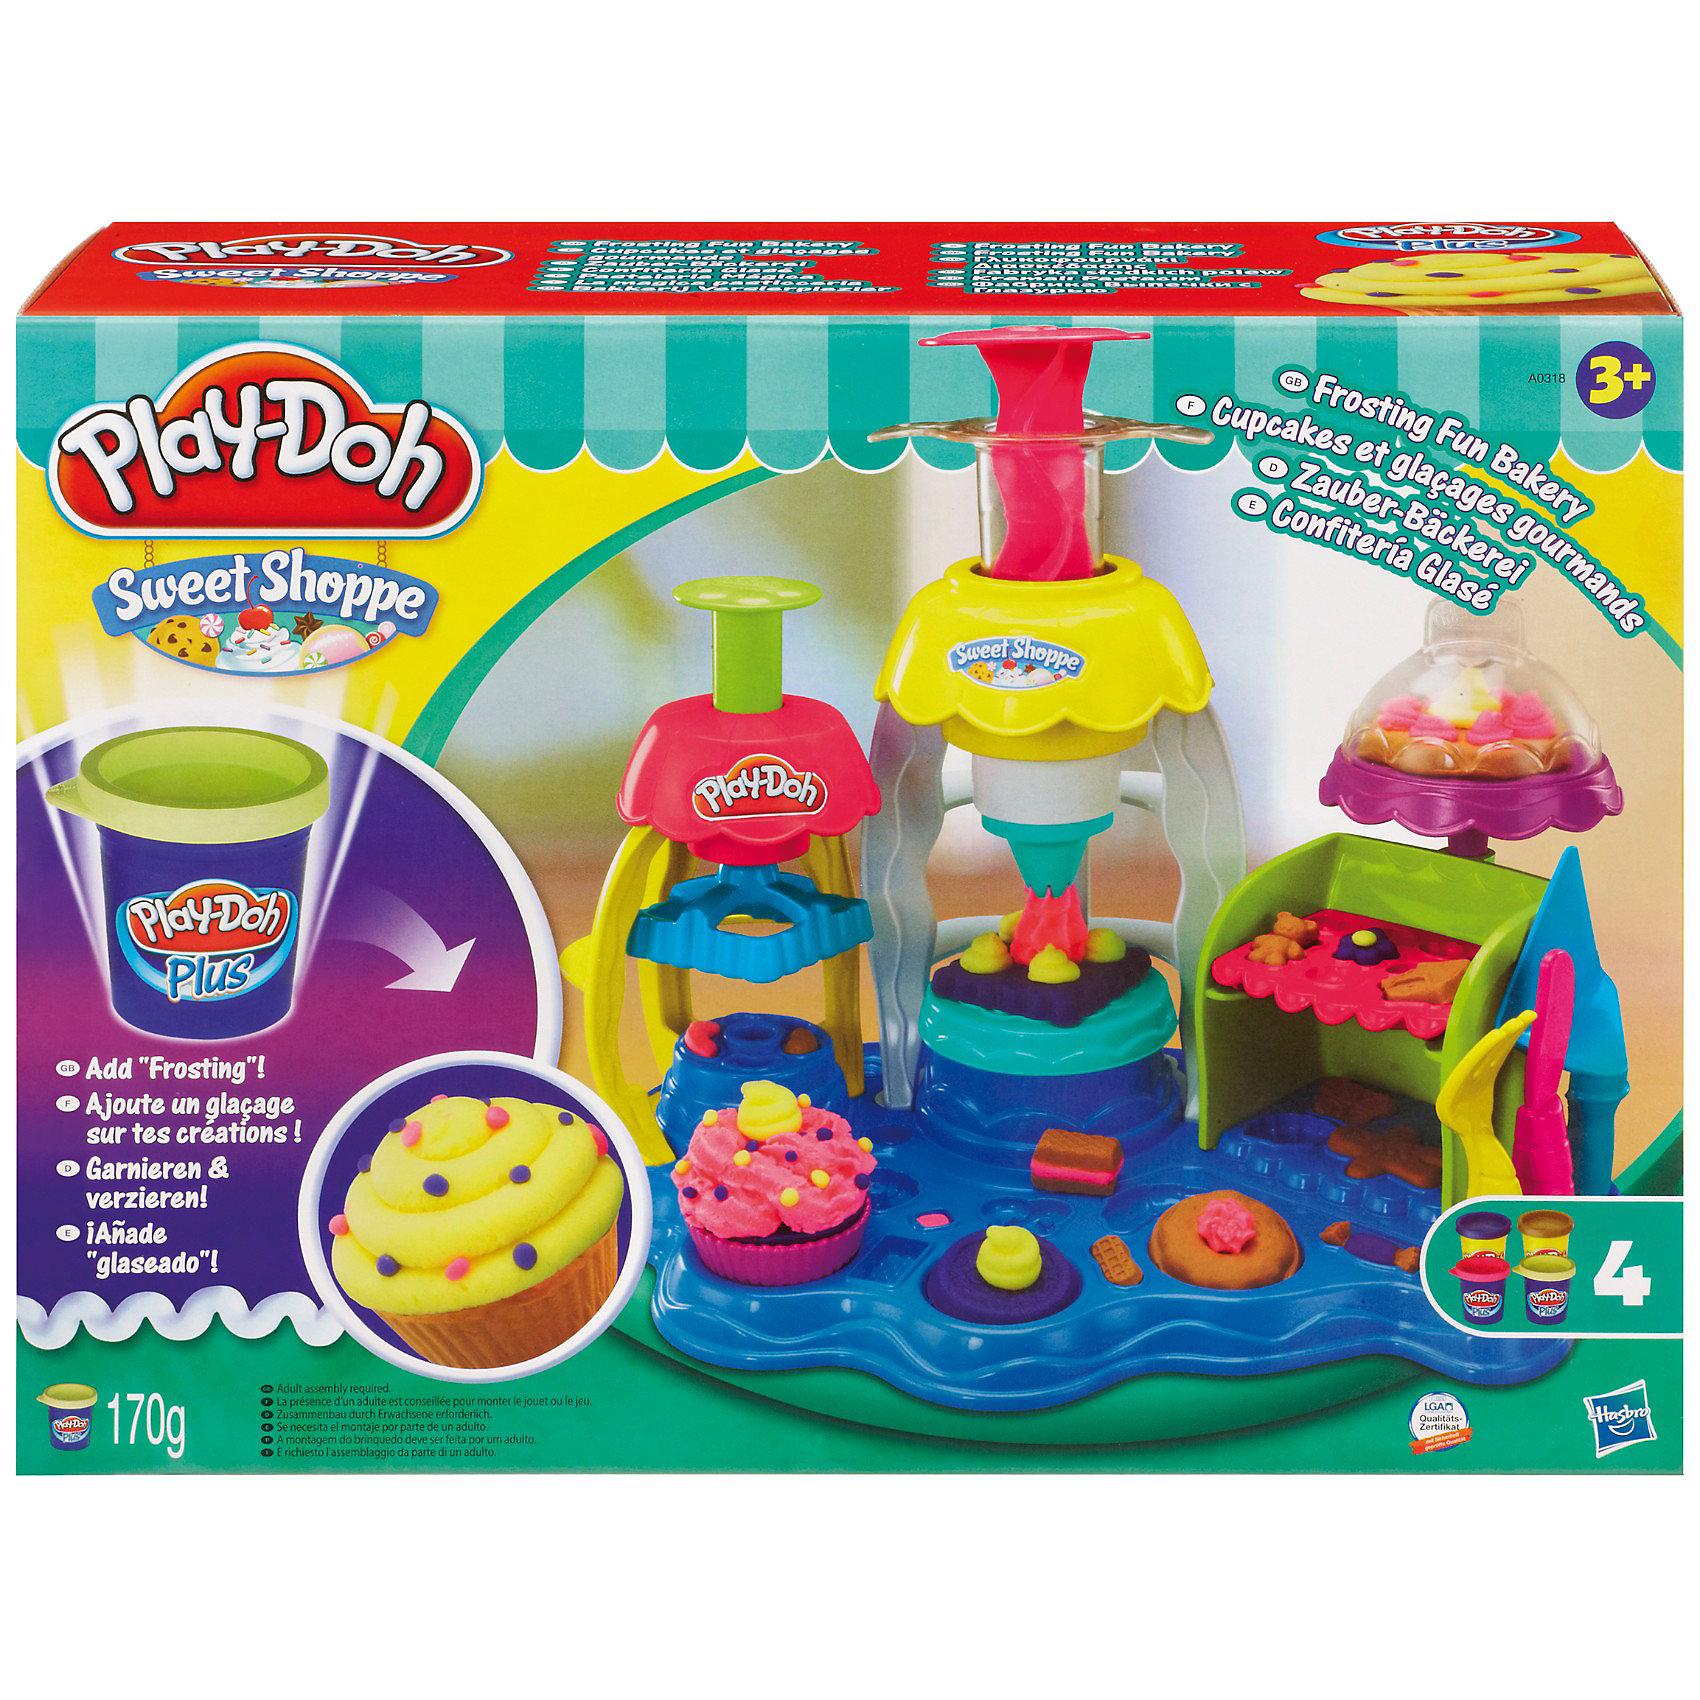 Игровой набор Фабрика пирожных, Play-Doh PlusИдеи подарков<br>Игровой набор Фабрика пирожных, Play-Doh позволит вашему ребенку наладить собственное производство сладостей!<br>С помощью PLAY-DOH PLUS  Вы можете создать более реалистичные детали сладостей, при меньших усилиях! С его помощью ребенок сможет слепить даже самые маленькие детали!<br>Его структура более мягкая и приятная на ощупь. Имеет сладкий запах, но соленый на вкус!! Розочки, цветочки, фигурки - все, что пожелаете! А благодаря фабрике и множеству формочек, входящих в комплект, Вы можете создать всевозможные пирожные, печенья и другие угощения.<br><br>Дополнительная информация:<br><br>- В комплекте также 2 банки с пластилином Play-Doh и 2 с пластилином Play-Doh PLUS (в синей баночке) С его помощью ребенок сможет слепить даже самые маленькие детали!<br>Его структура более мягкая и приятная на ощупь. Имеет сладкий запах, но соленый на вкус!!<br><br>Игровой набор Фабрика пирожных, Play-Doh (Плей-До) можно купить в нашем магазине.<br><br>Ширина мм: 330<br>Глубина мм: 231<br>Высота мм: 119<br>Вес г: 943<br>Возраст от месяцев: 36<br>Возраст до месяцев: 72<br>Пол: Унисекс<br>Возраст: Детский<br>SKU: 2599575